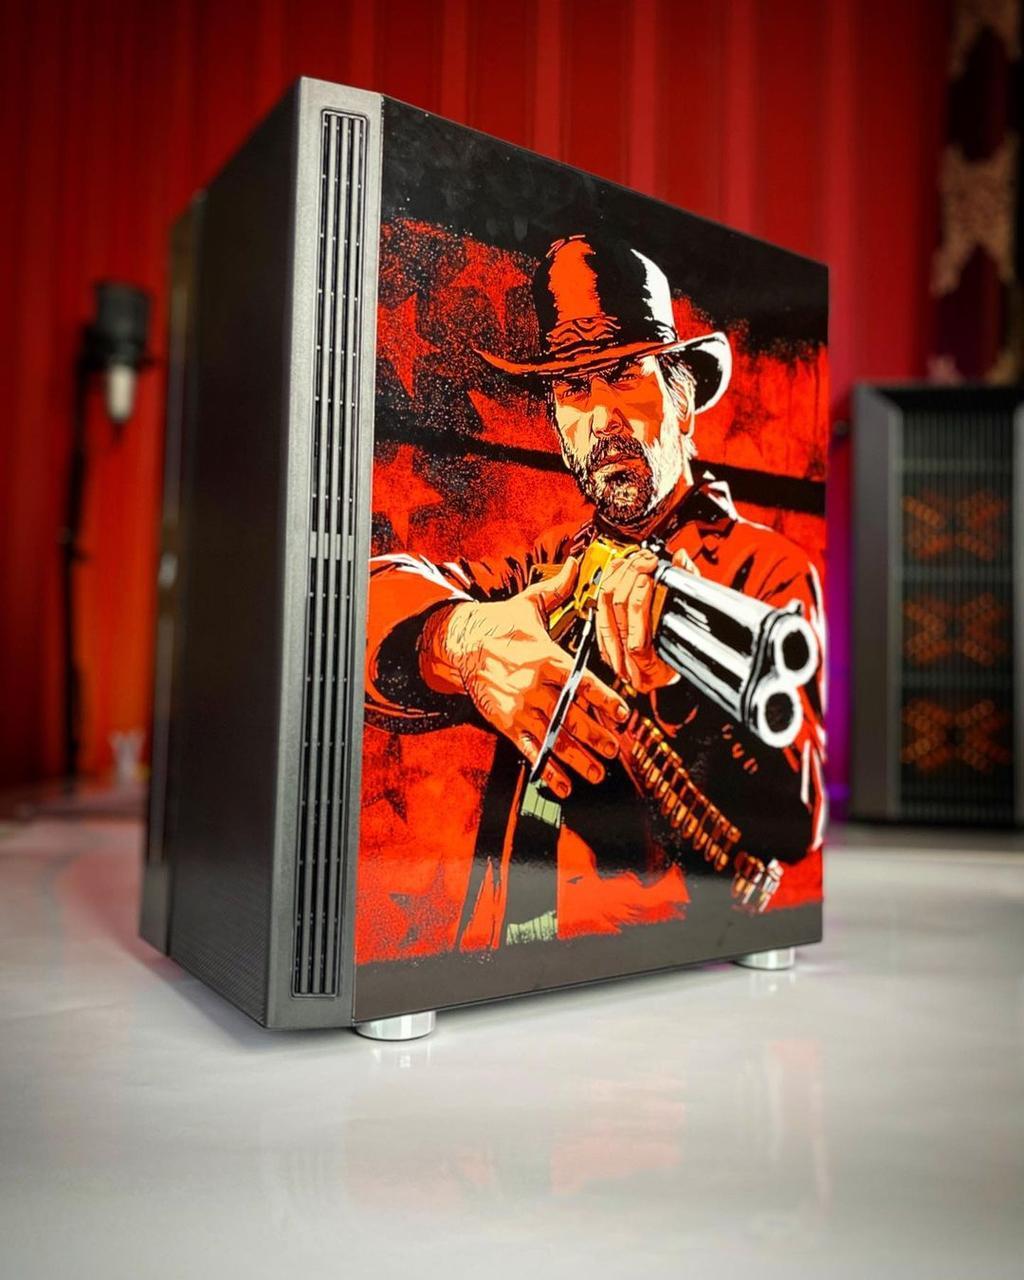 Ігровий ПК (комп'ютер) для Red Dead Redemption 2 (РДР2) (Premium)